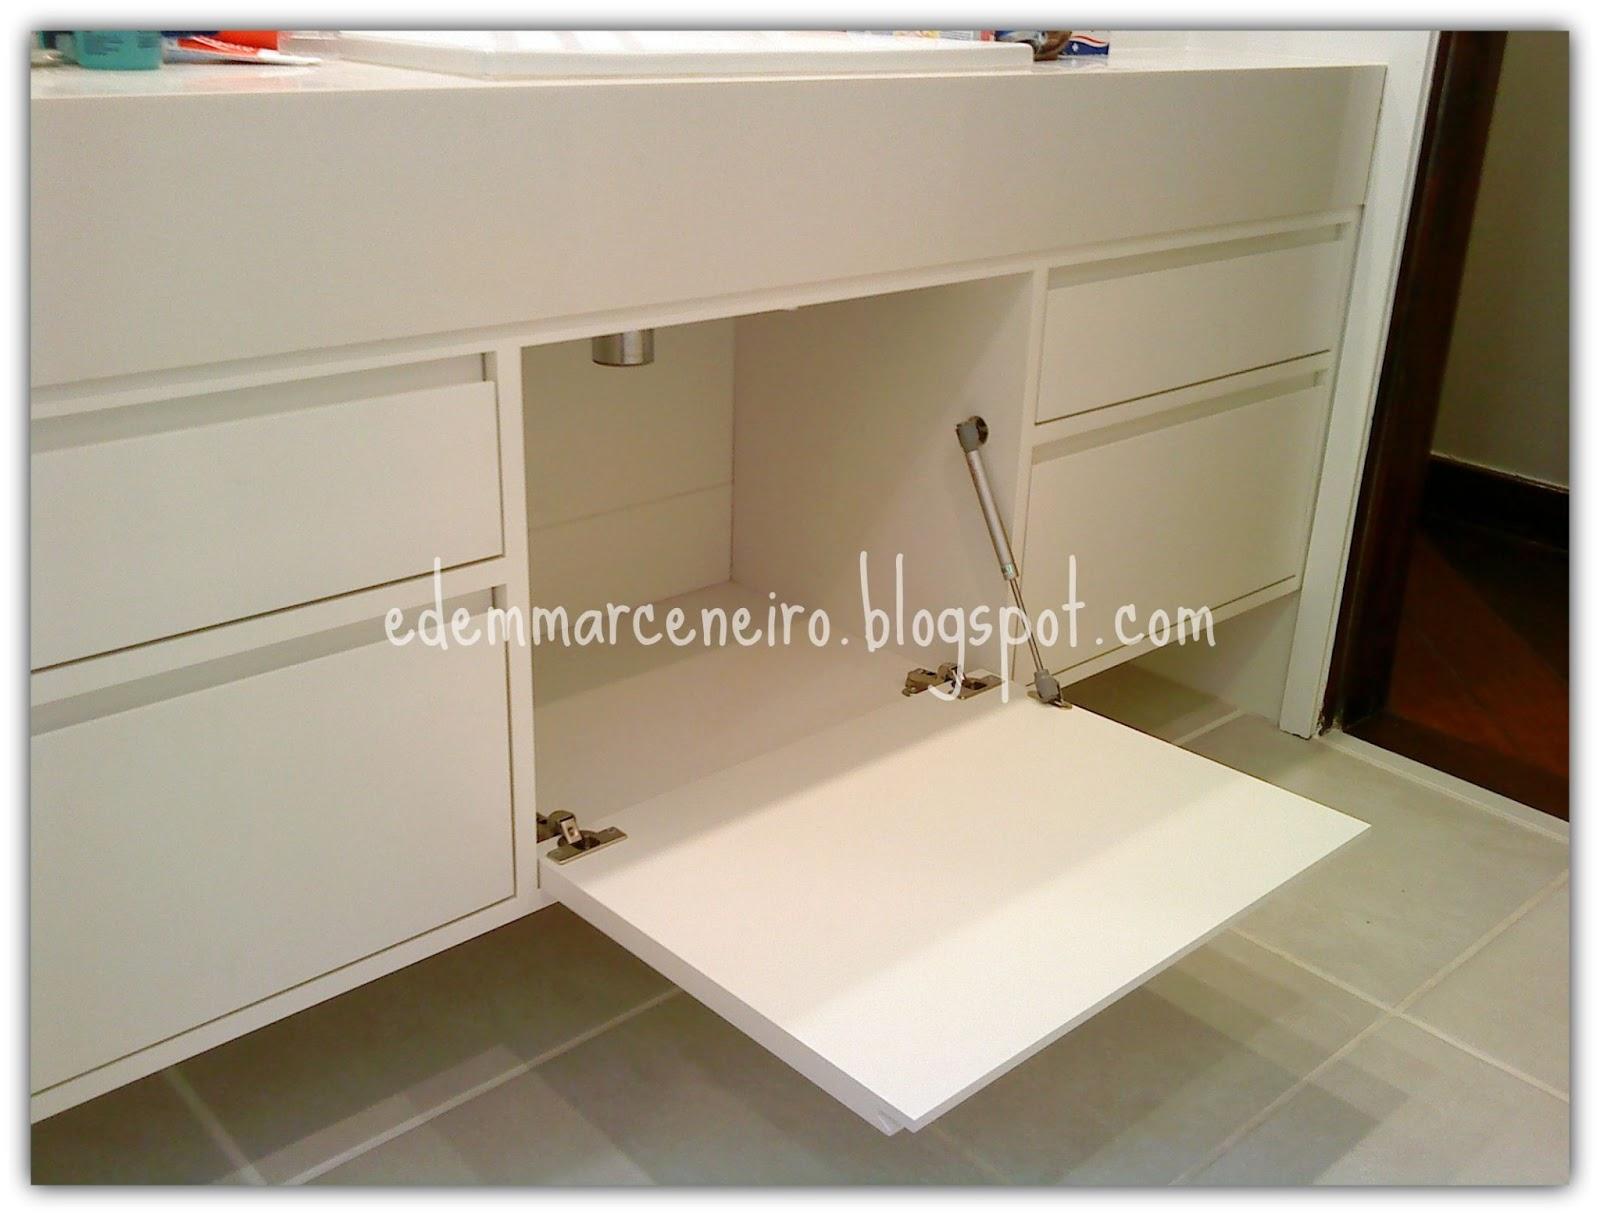 Veja as postagens de alguns itens que citei aqui: #B92912 1600x1216 Armario Banheiro De Canto